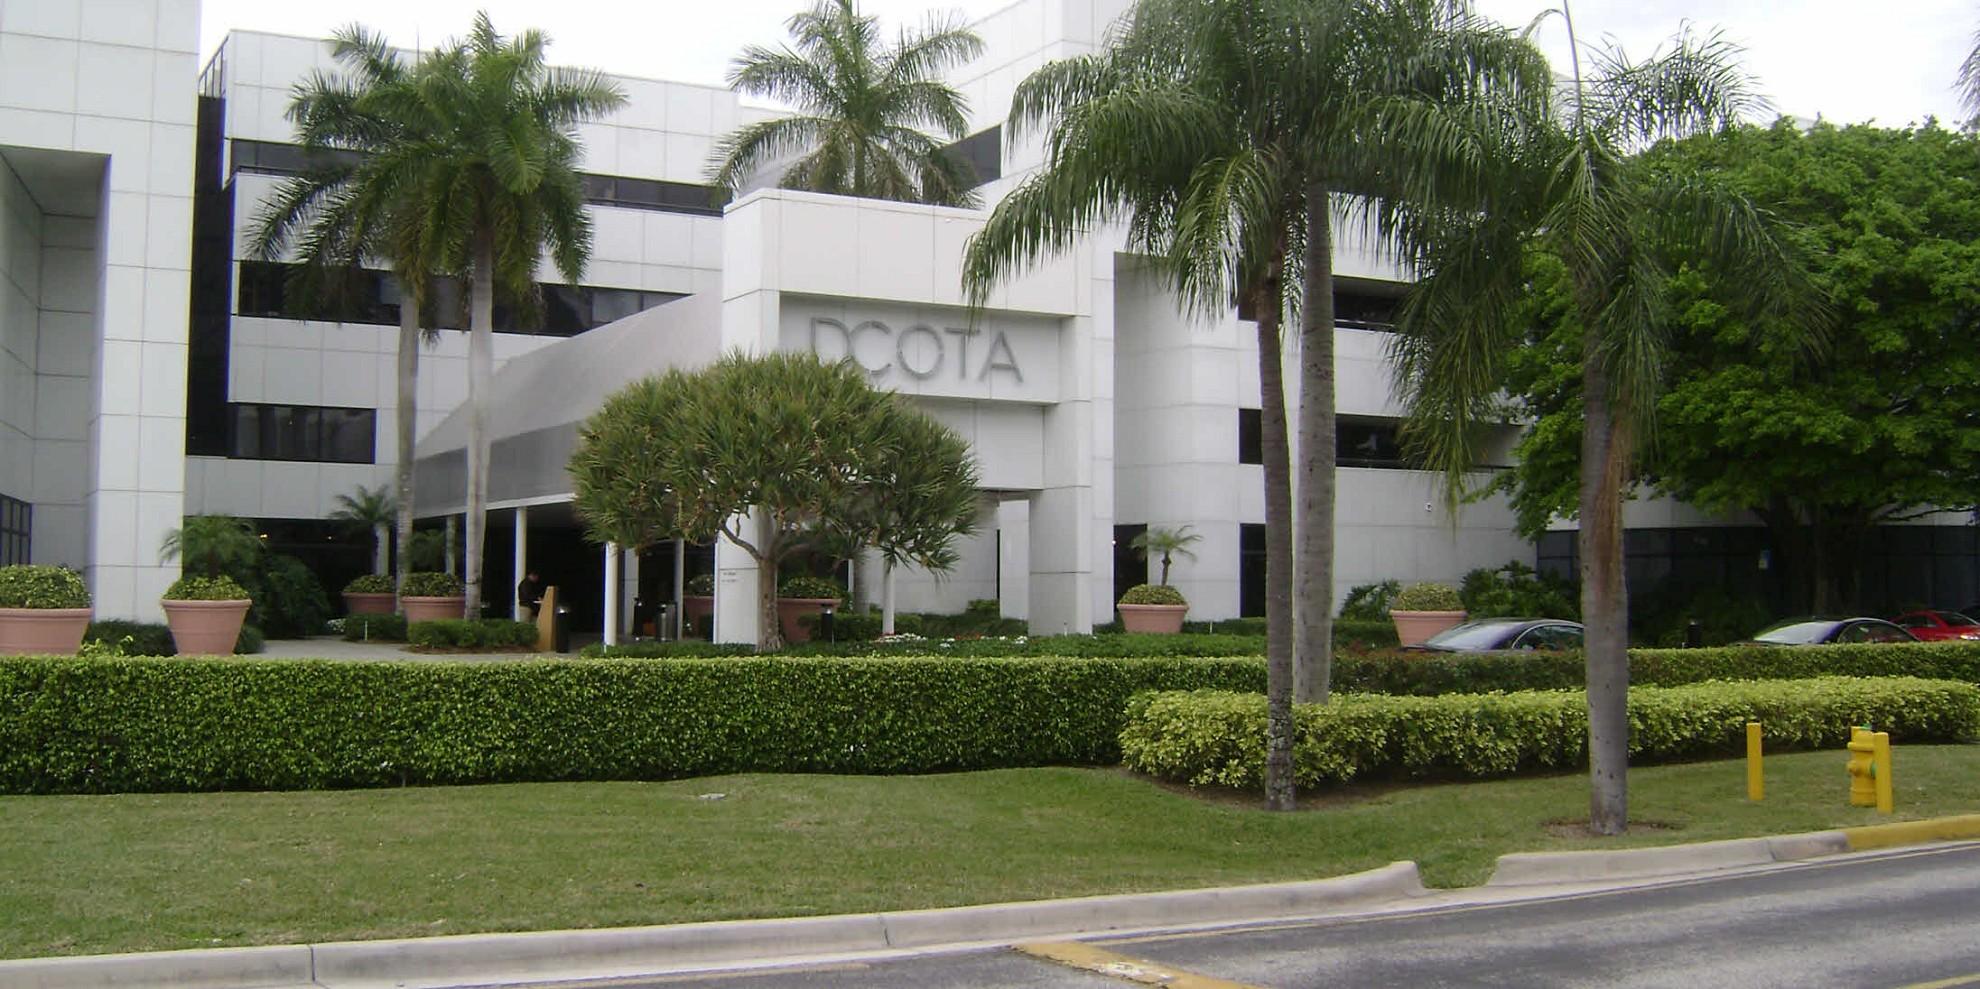 SieMatic DCOTA | Dania Beach | Ft Lauderdale